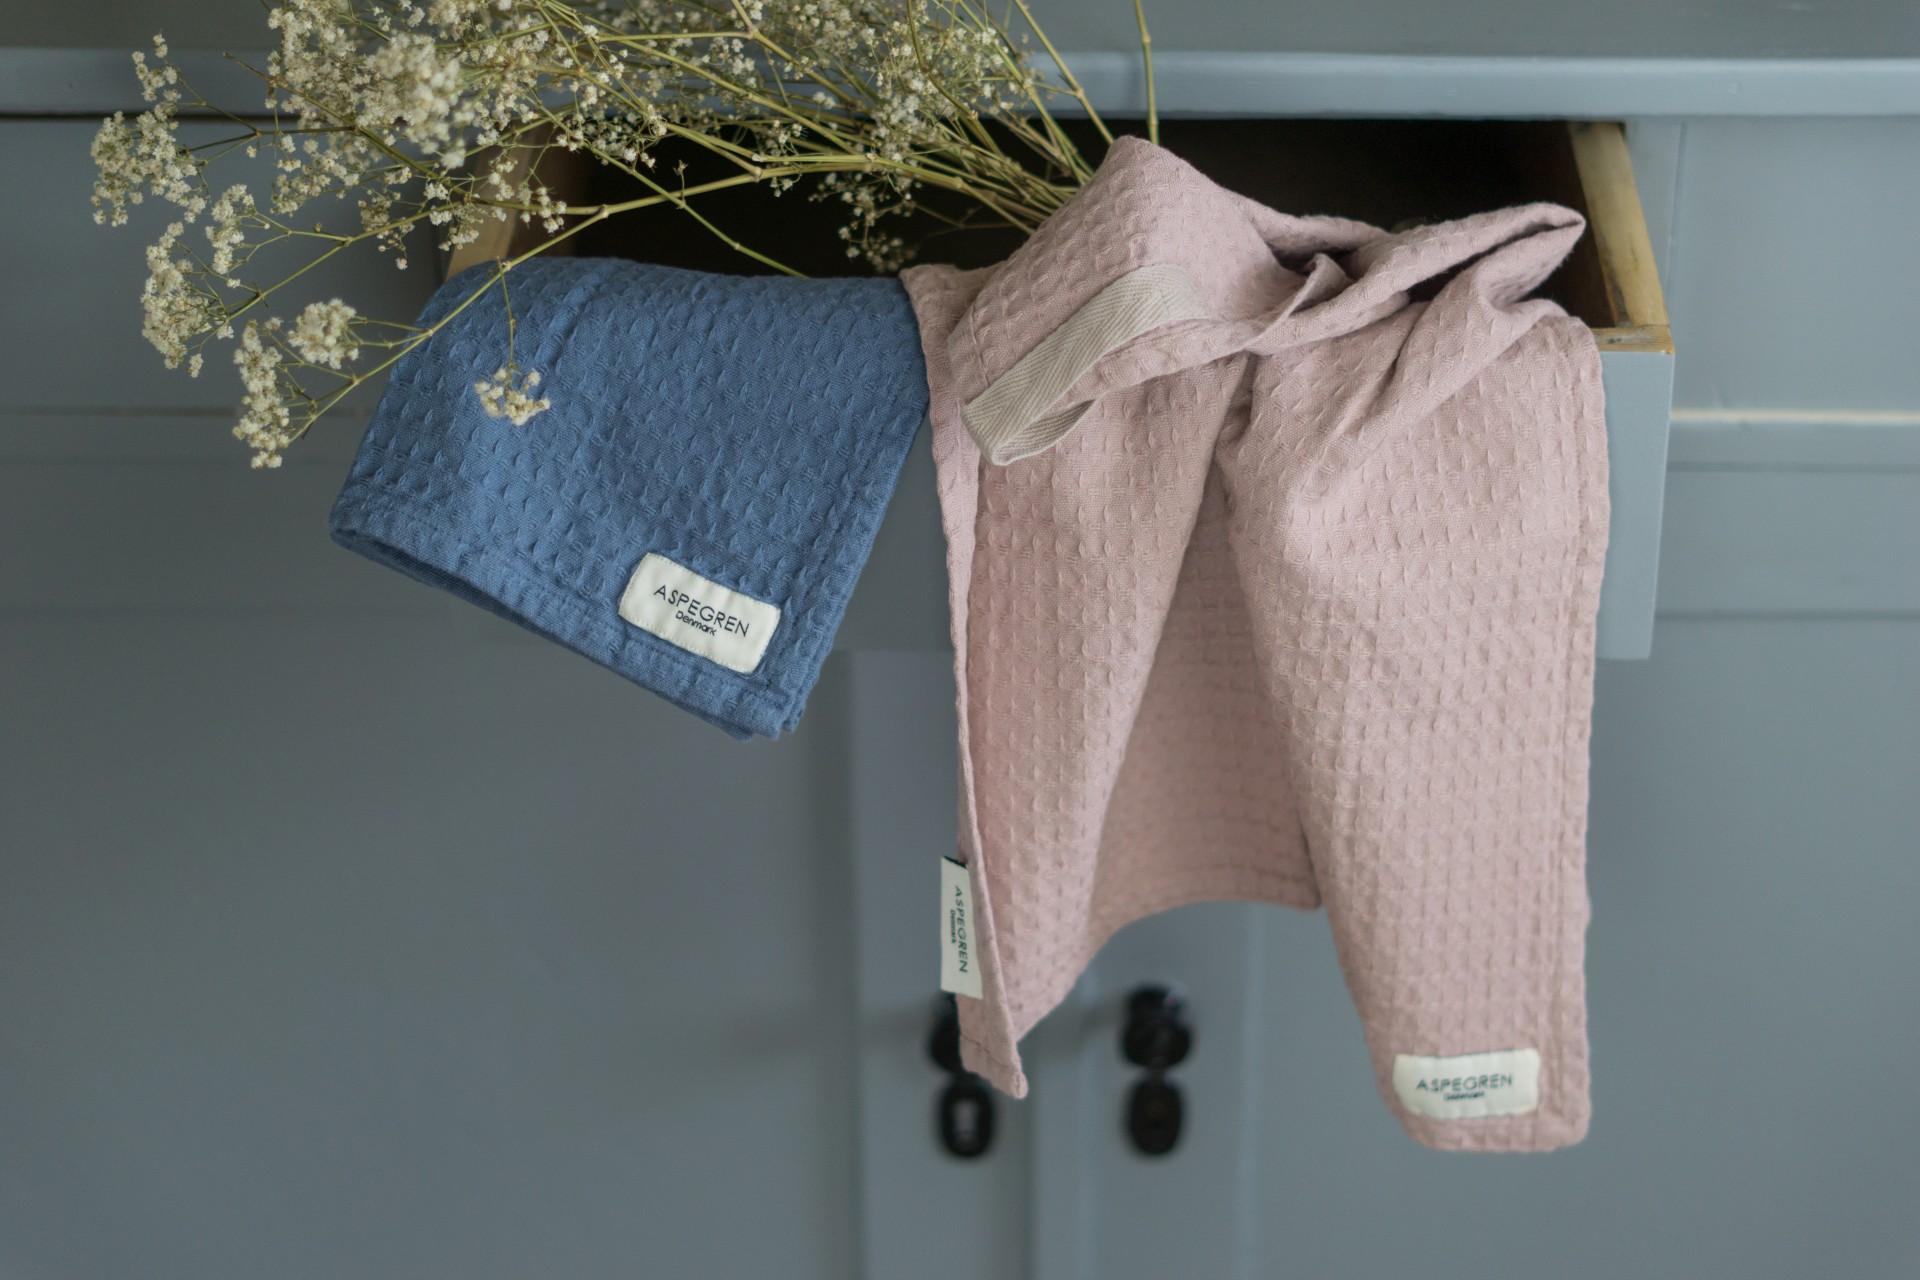 Geschirrtücher aus Bio-Baumwolle von Aspegren Denmark hängen aus einer offenen Schublade.